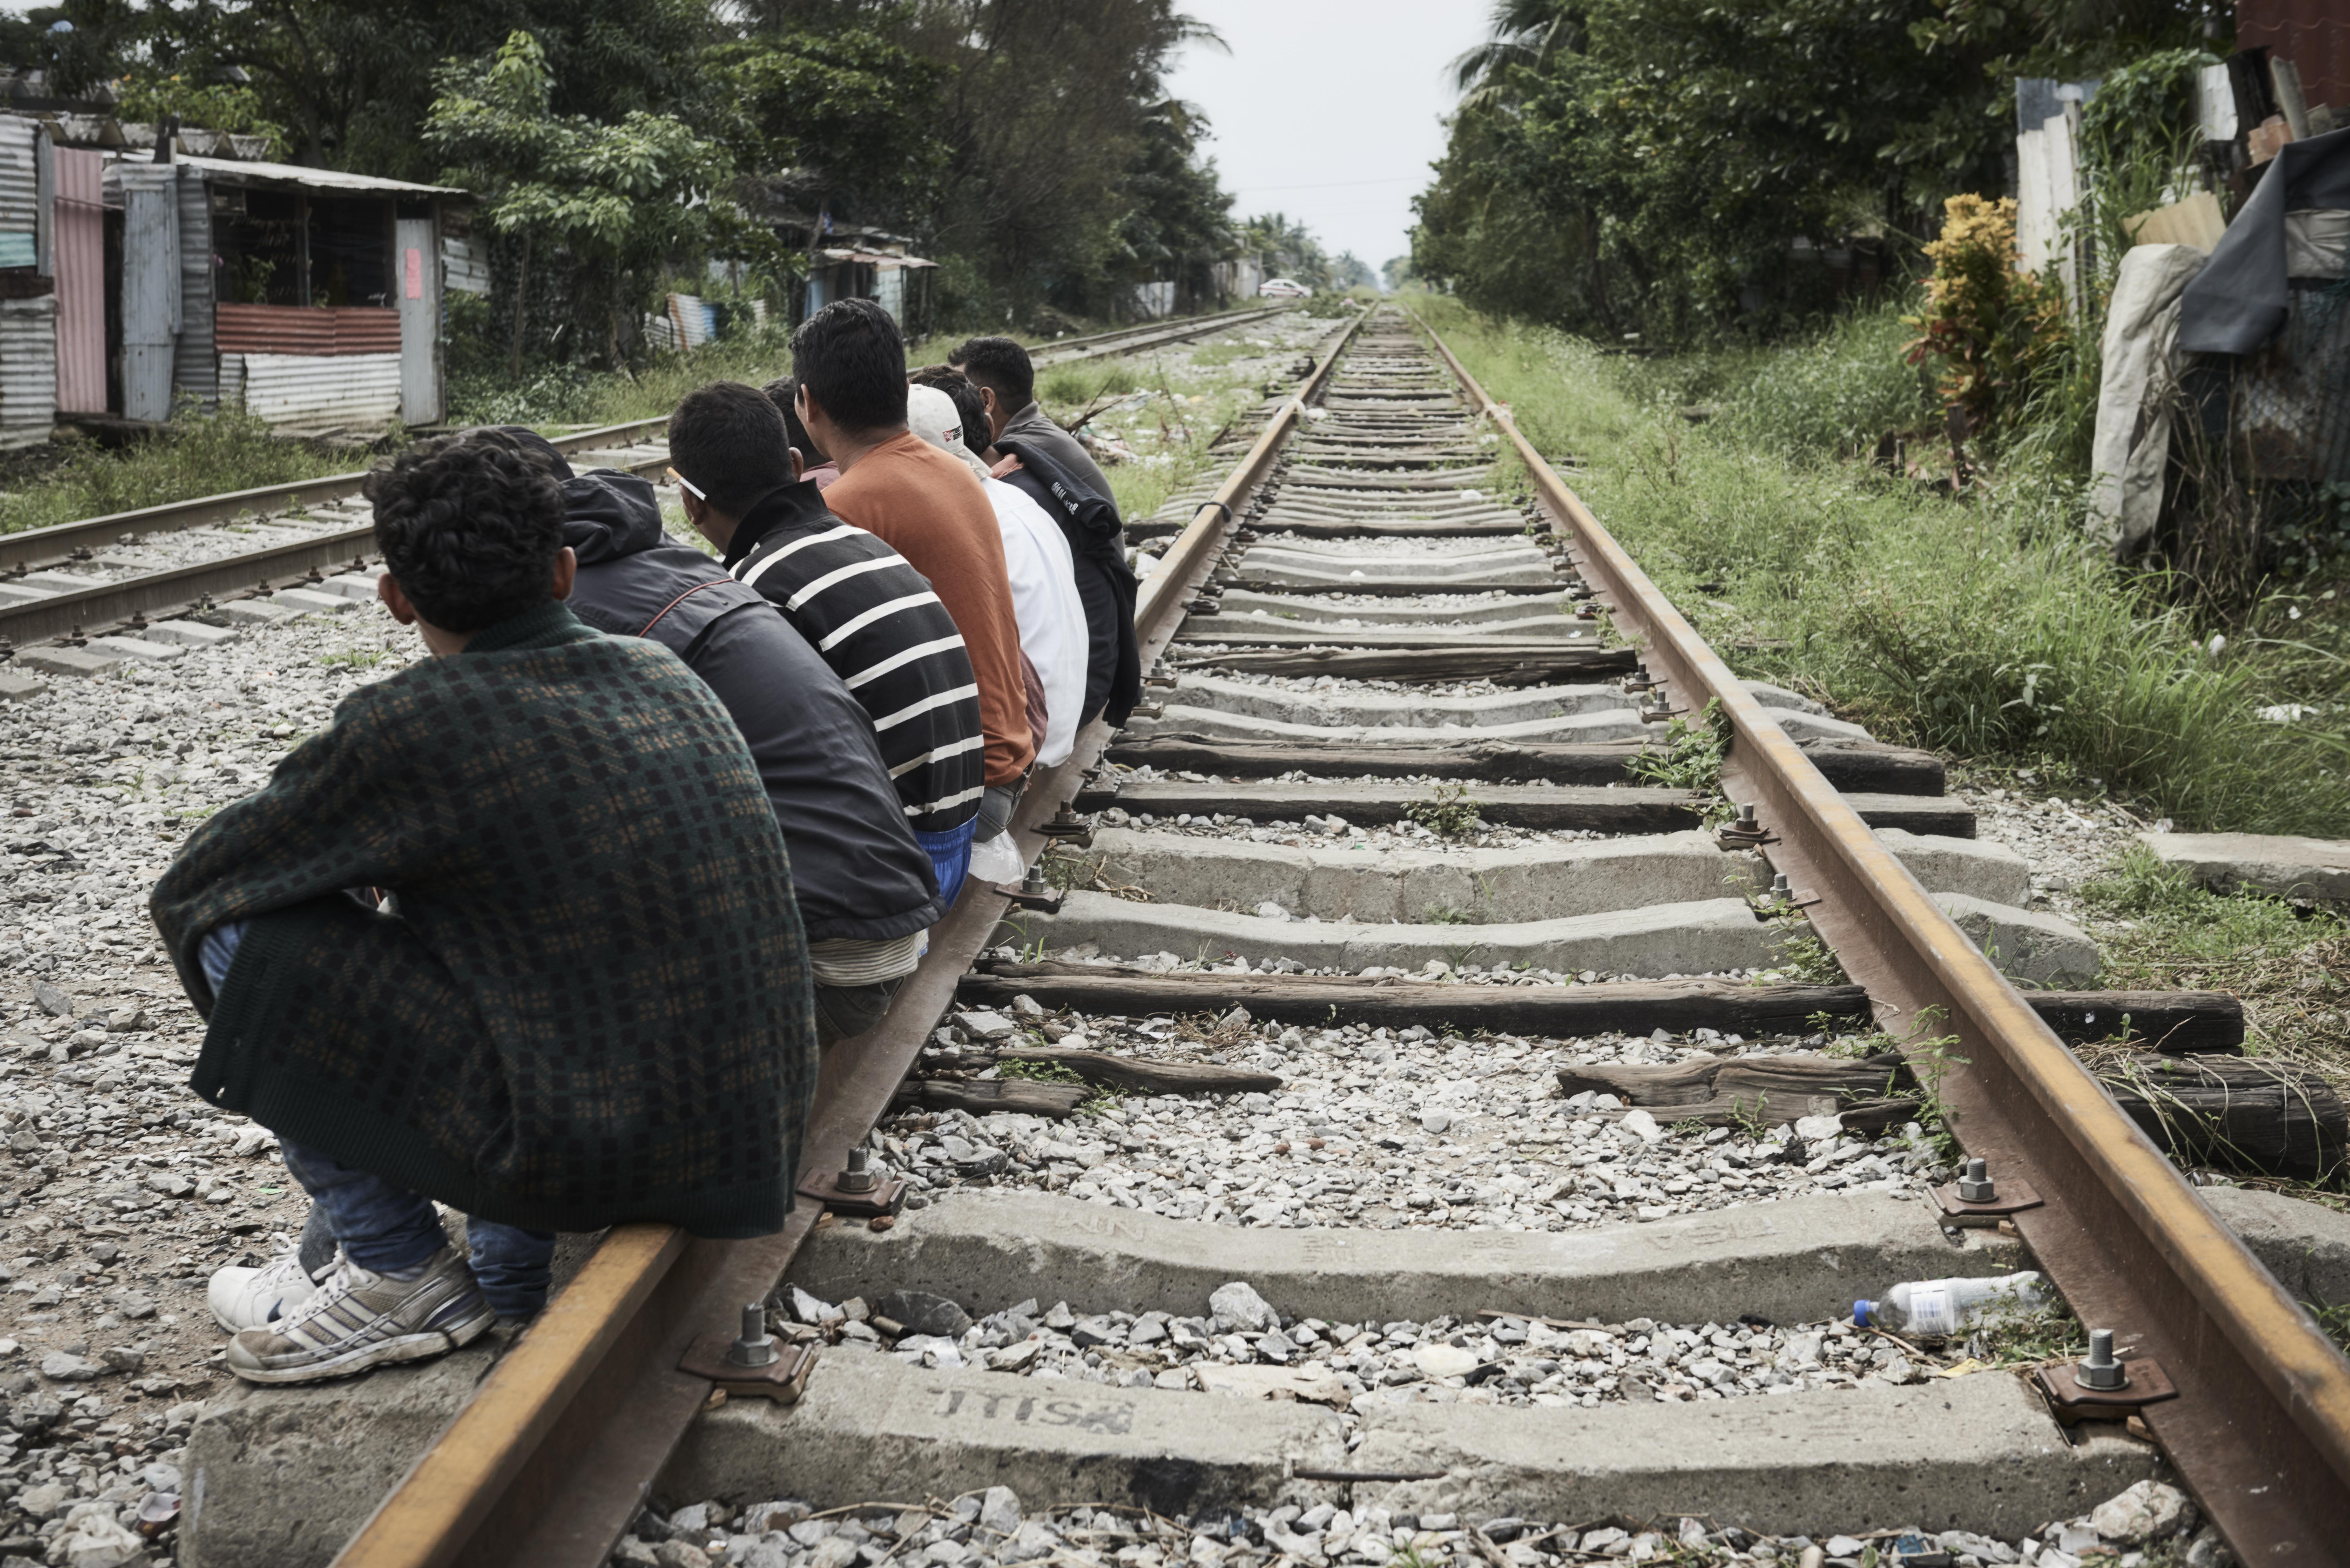 Des migrants, le longdes rails, tentent de rejoindre les États-Unis.Christina Simons/MSF